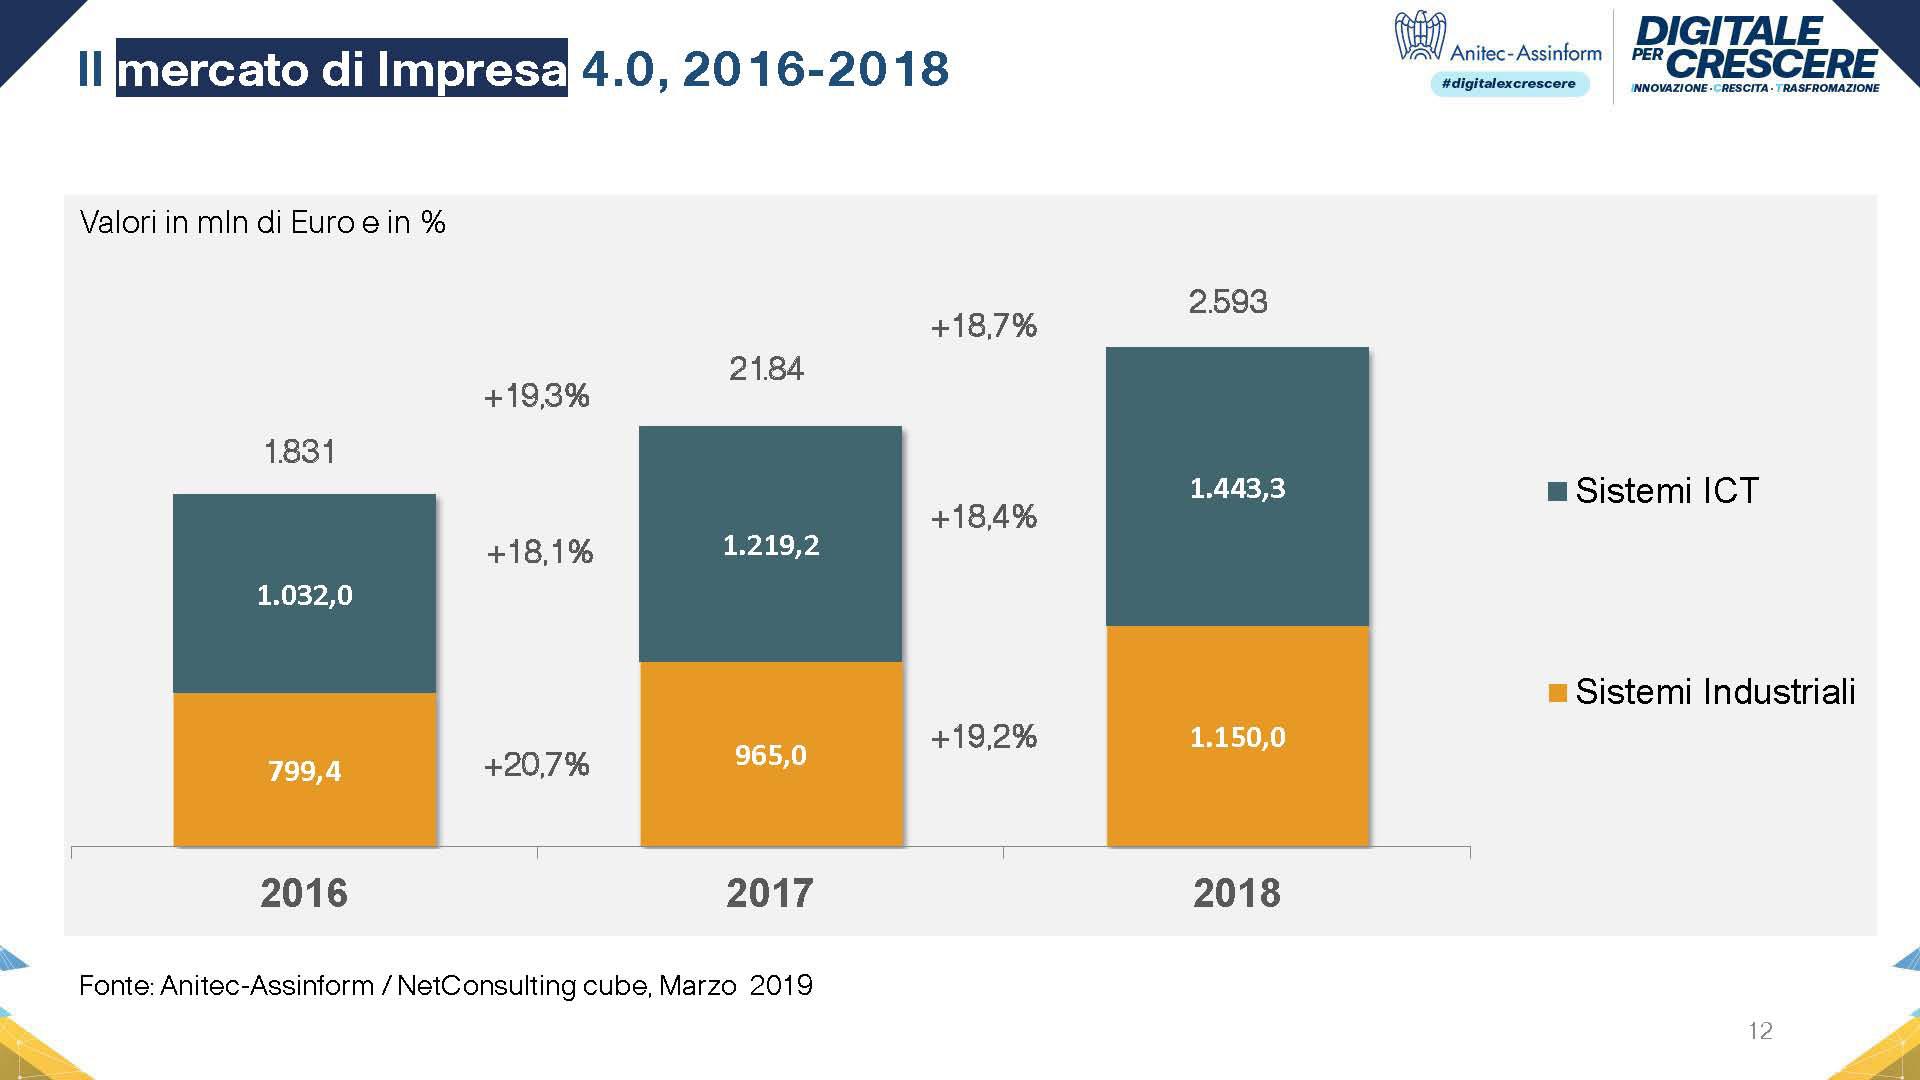 Grafico Impatto Impresa 4.0